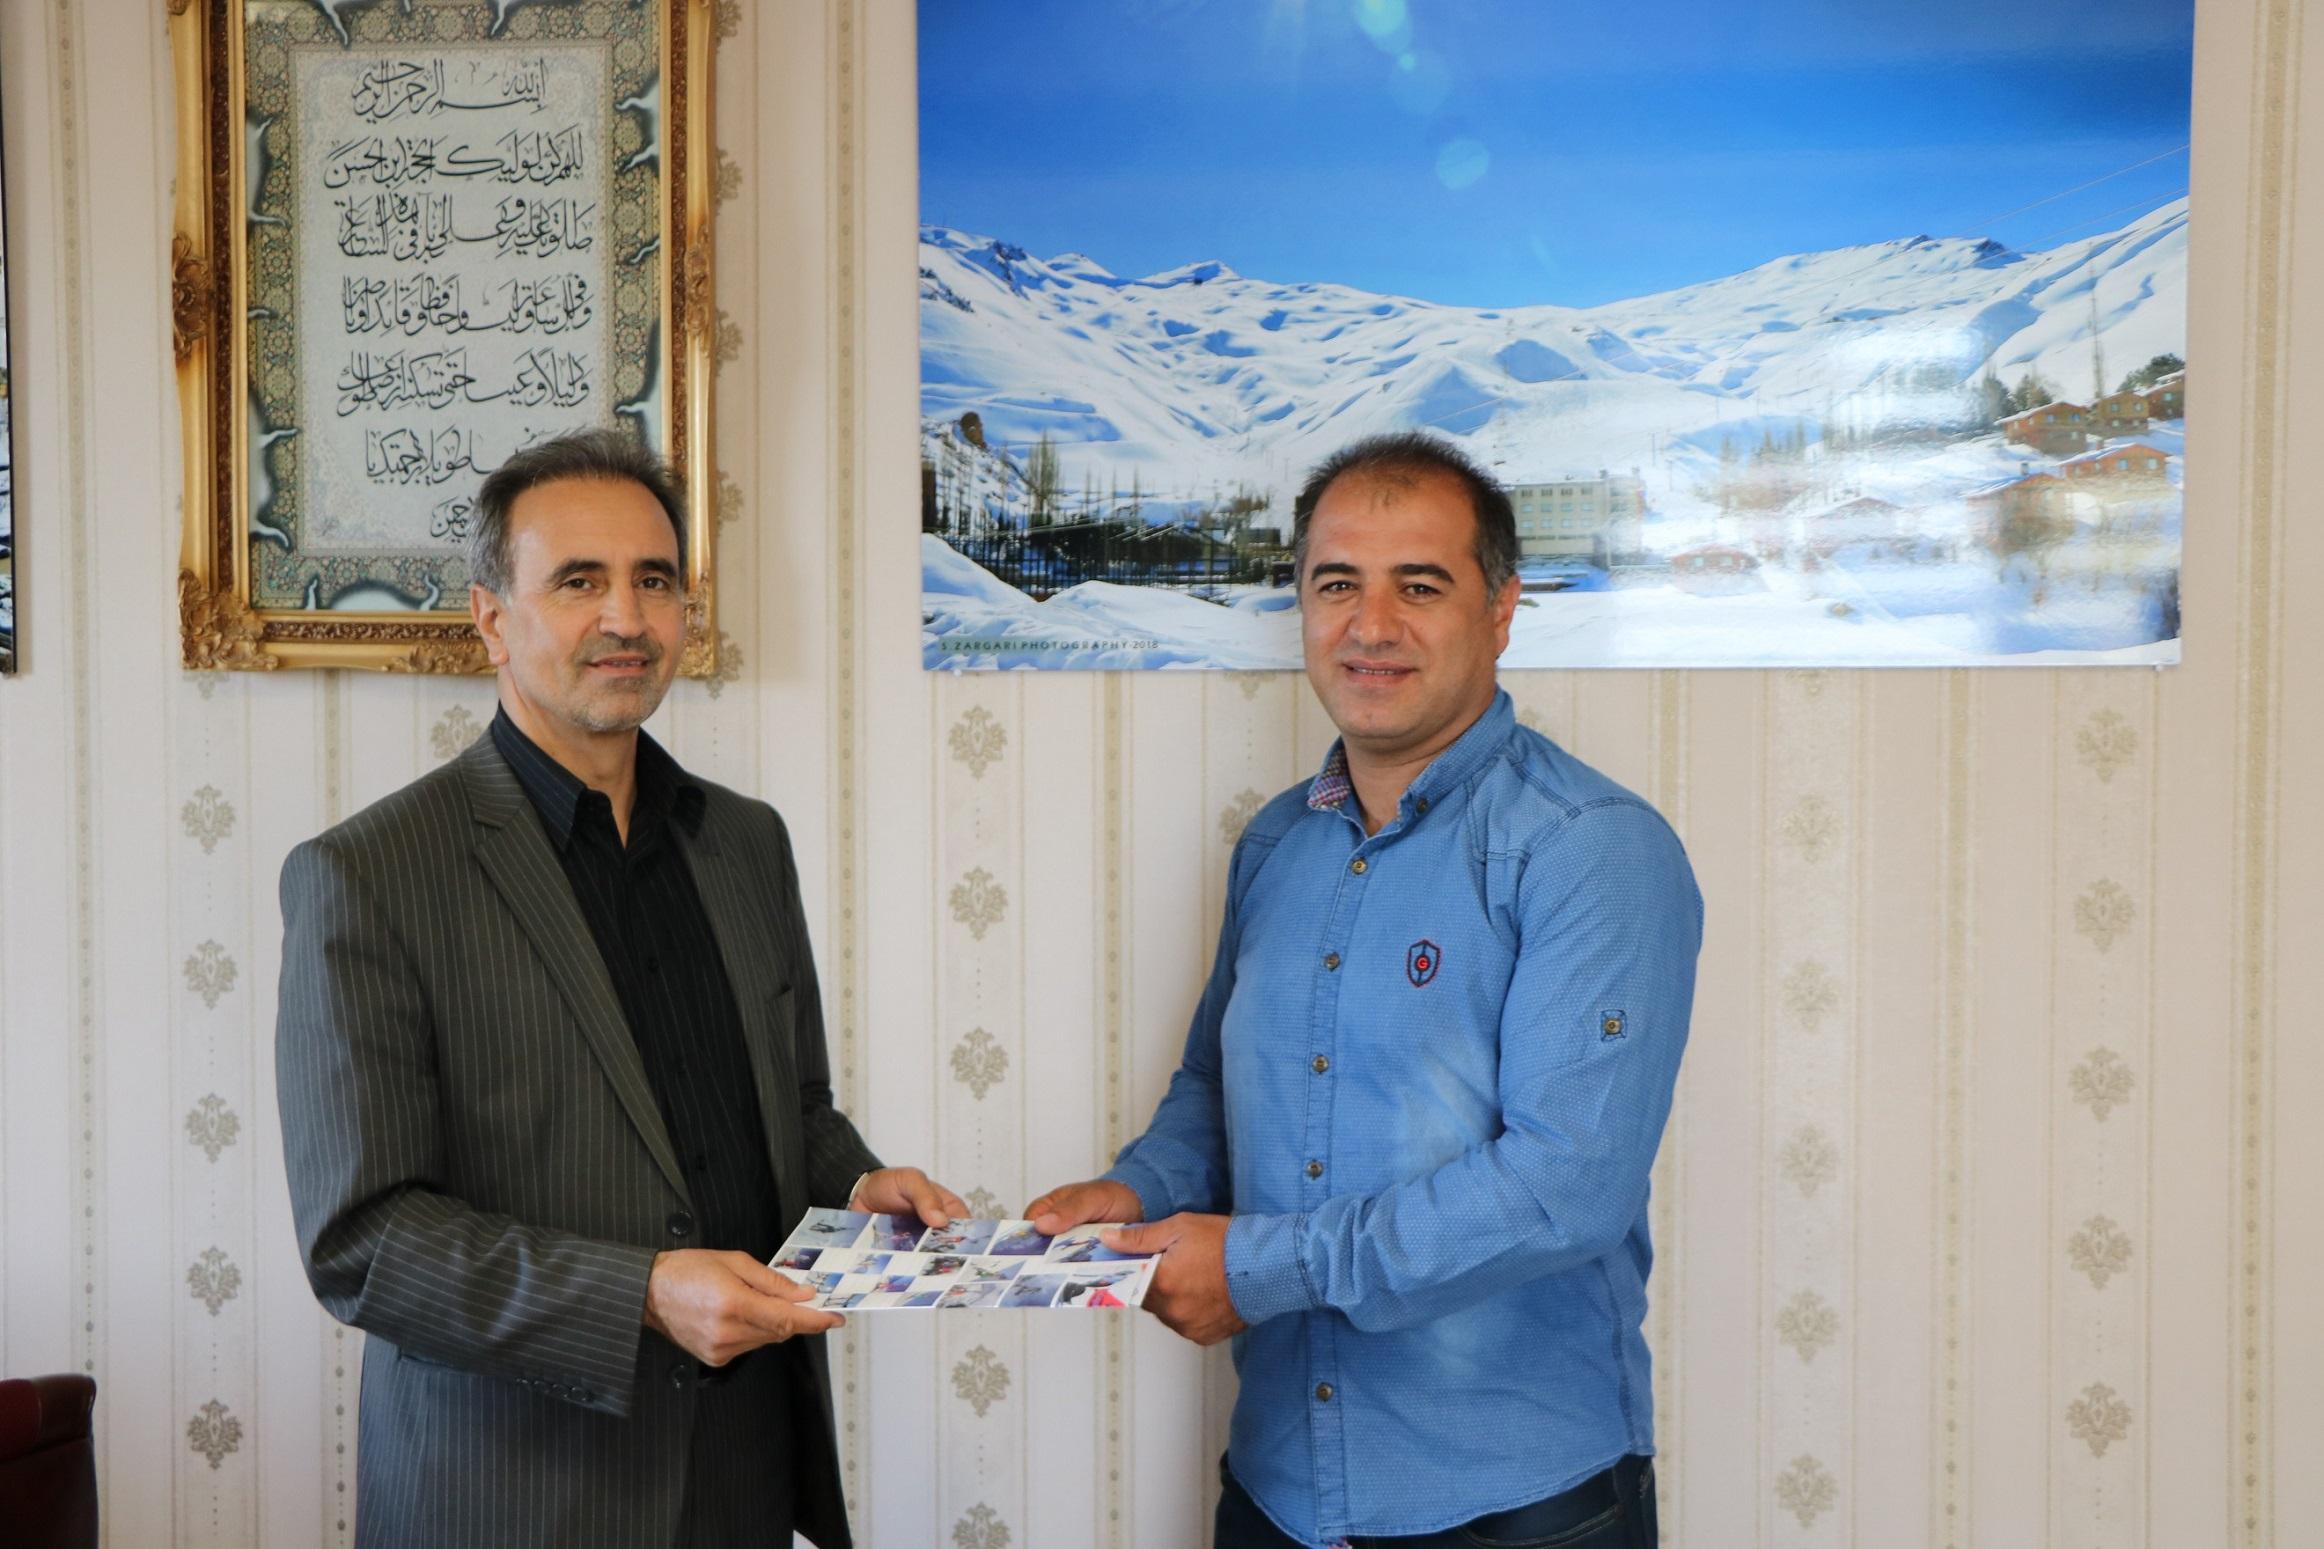 کلهر، سرمربی جدید تیم ملی اسکی آلپاین ایران شد